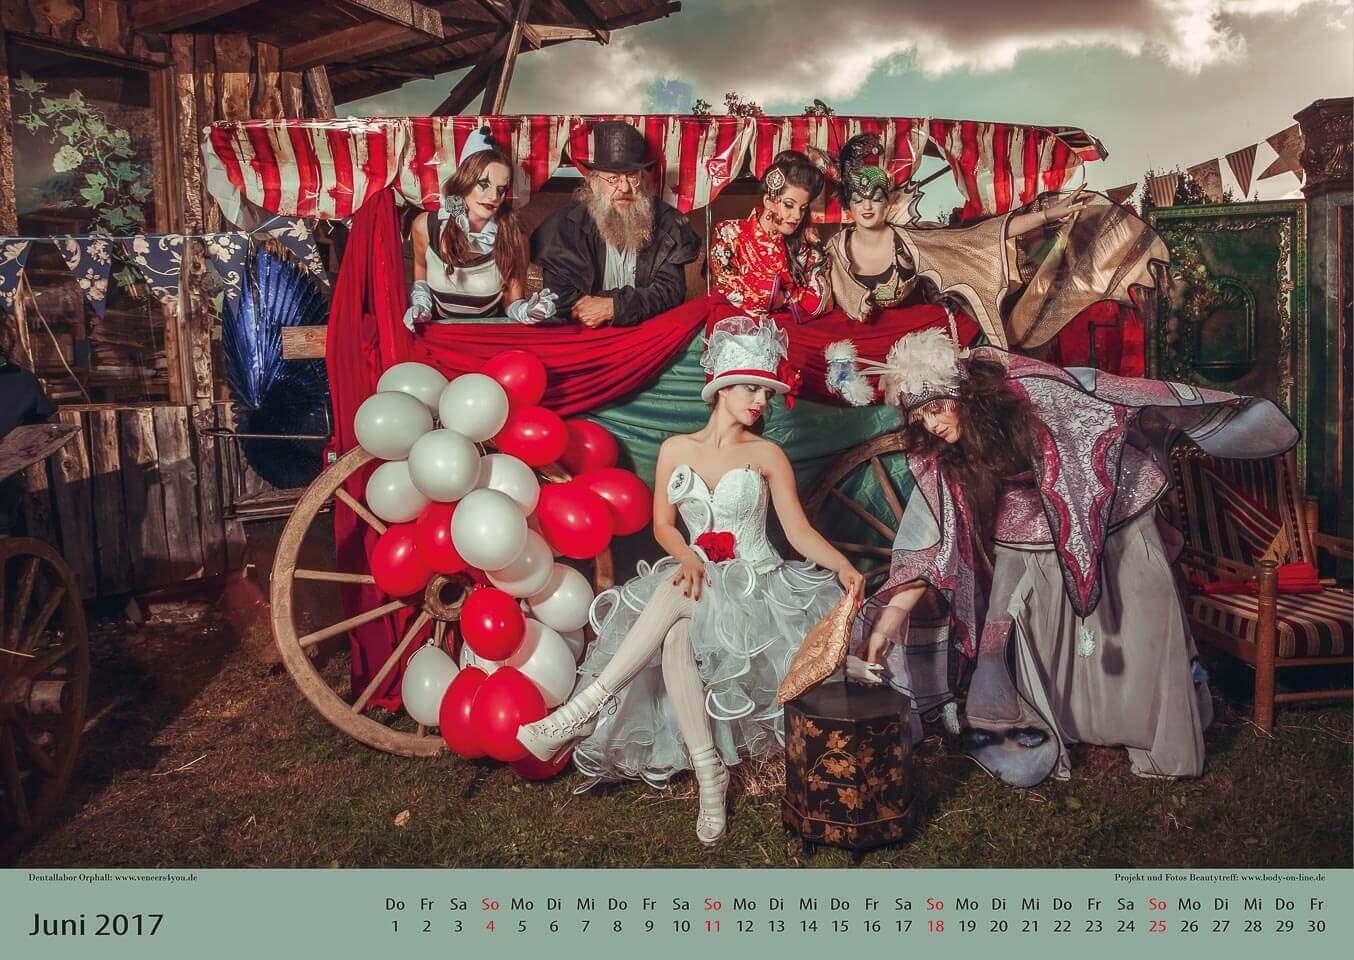 Fotograf-Fotostudio-Dresden-Zirkus-Shooting-Künstler-Artisten-Clown-Vorstellung-Ballons-Styling-Make up-Unterhaltung